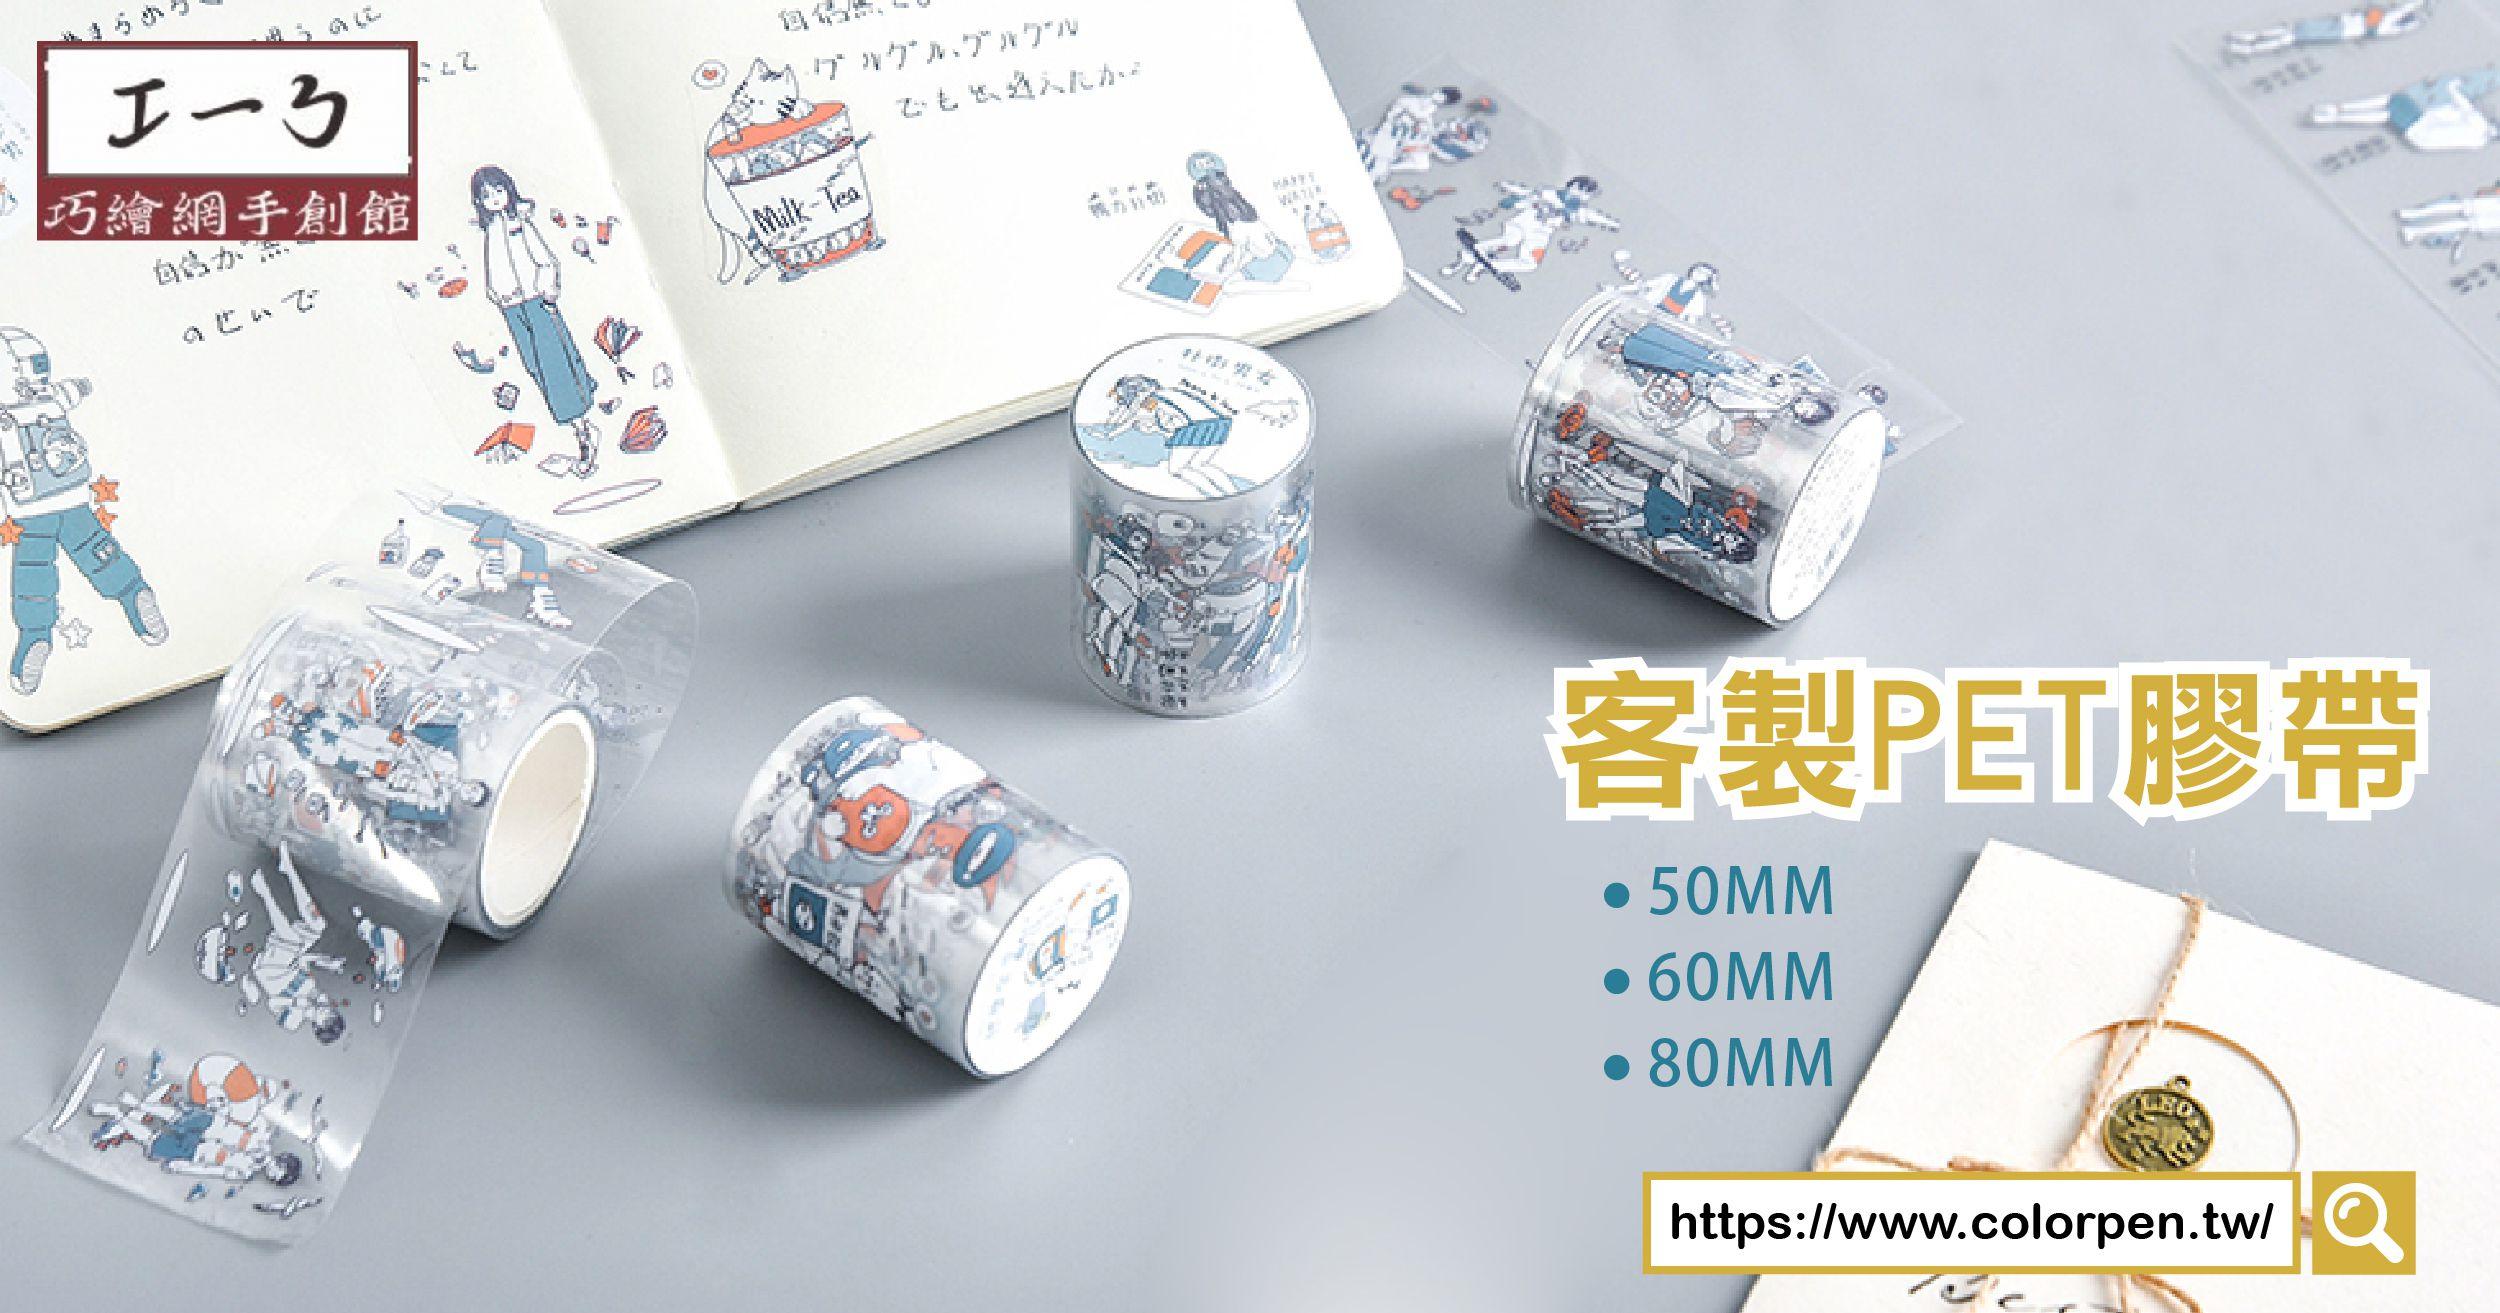 PET膠帶50mm 客製貼紙 貼紙訂做 - 巧繪網手創館